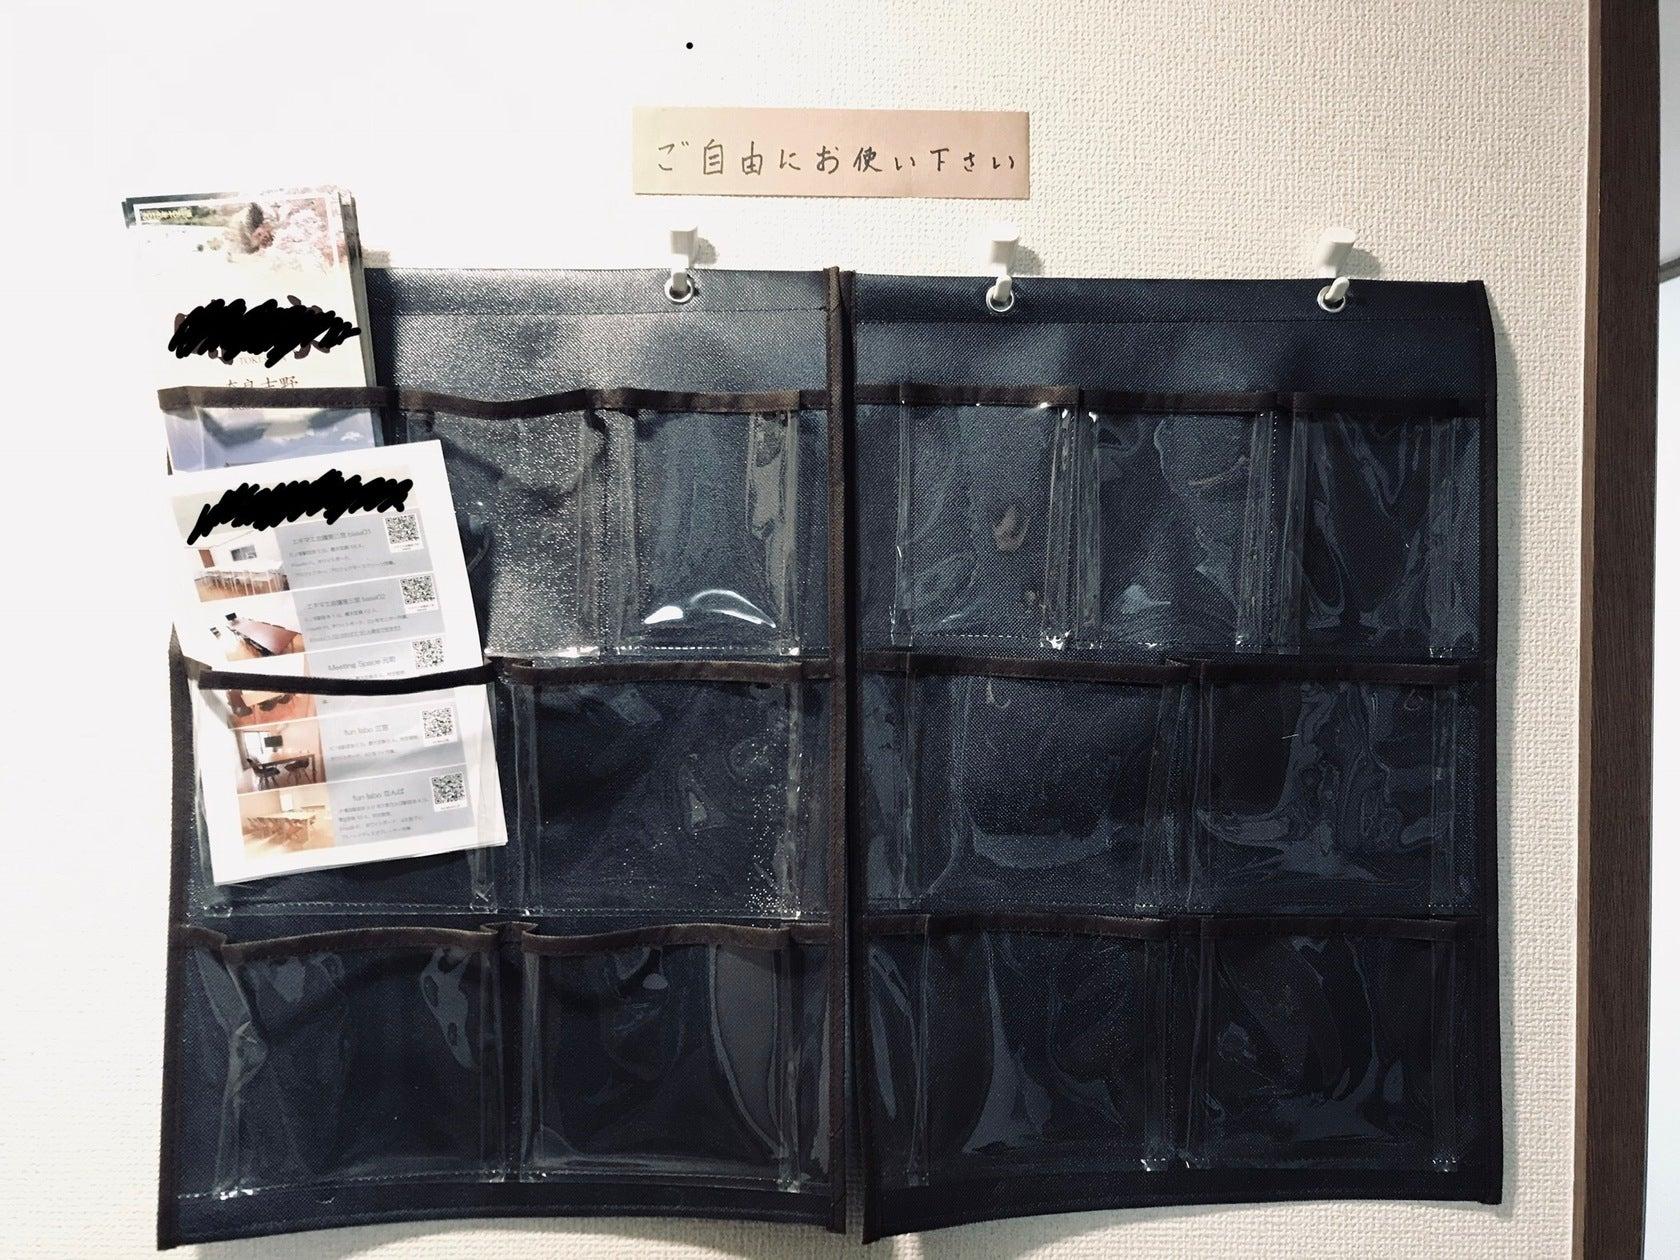 【神戸中心地】JR三ノ宮1分❗️無料wifi/プロジェクターあり♫ゆったりサイズで会議に最適♫base02 の写真